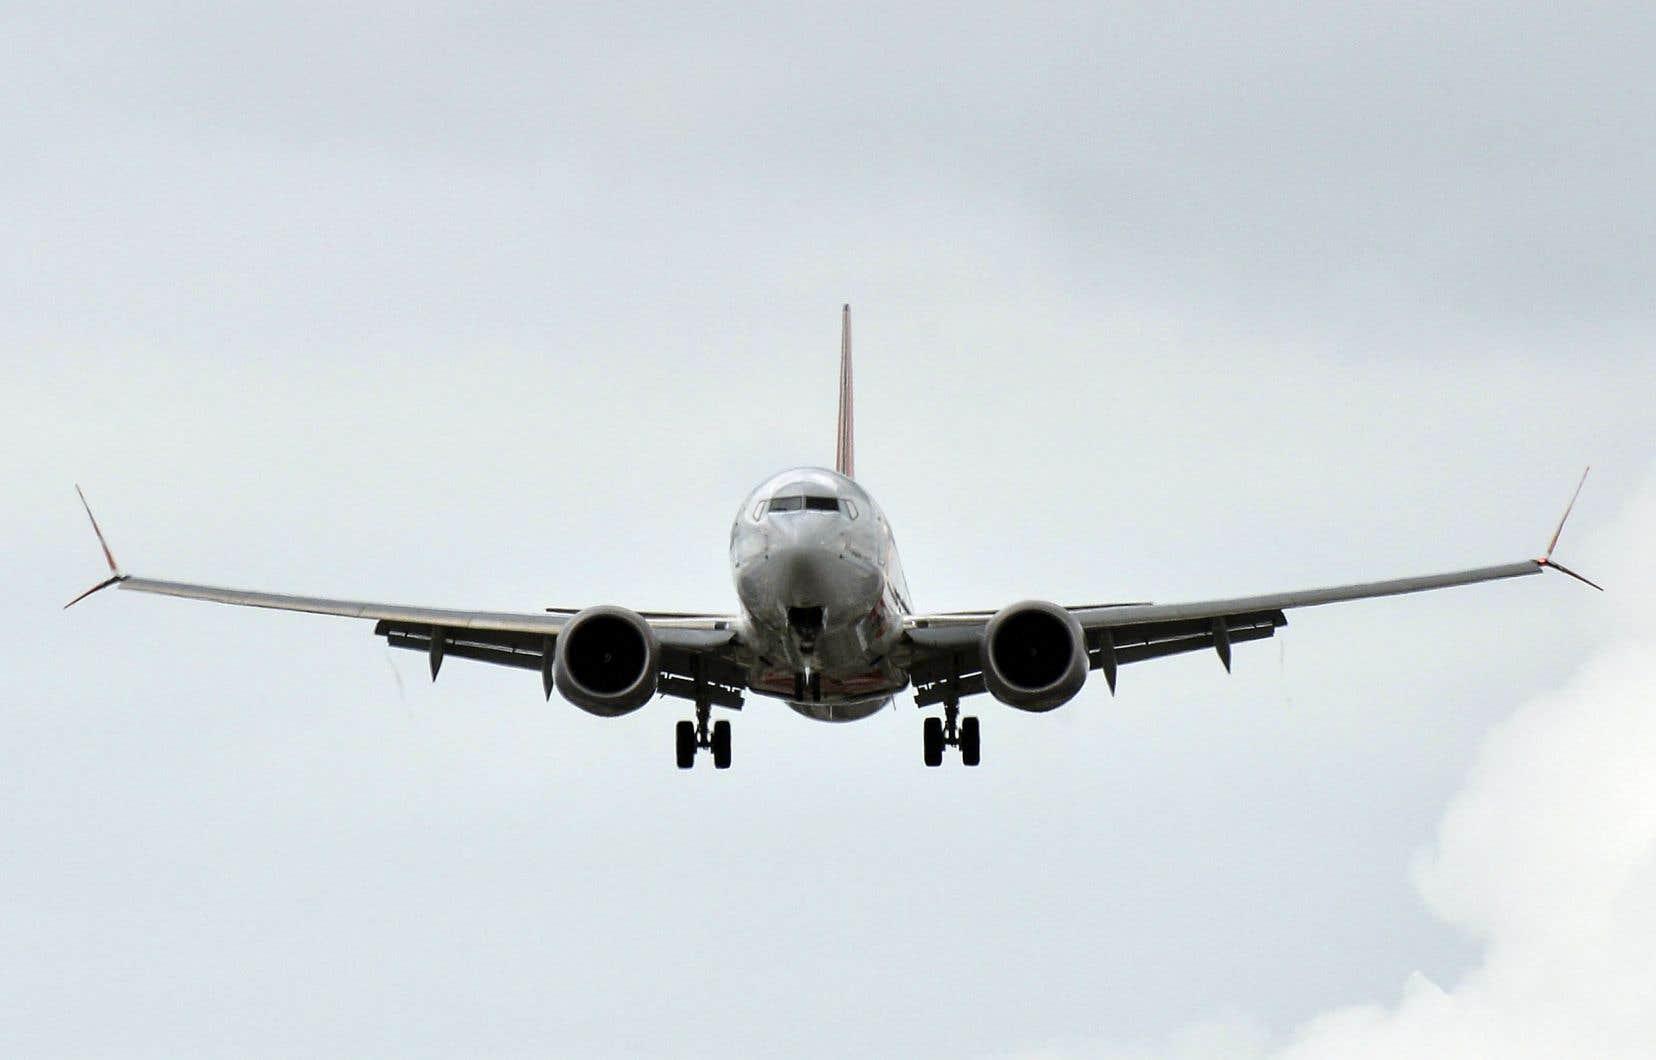 Après vingt mois d'attente, le Boeing 737 MAX a finalement retrouvé le ciel pour un vol commercial.